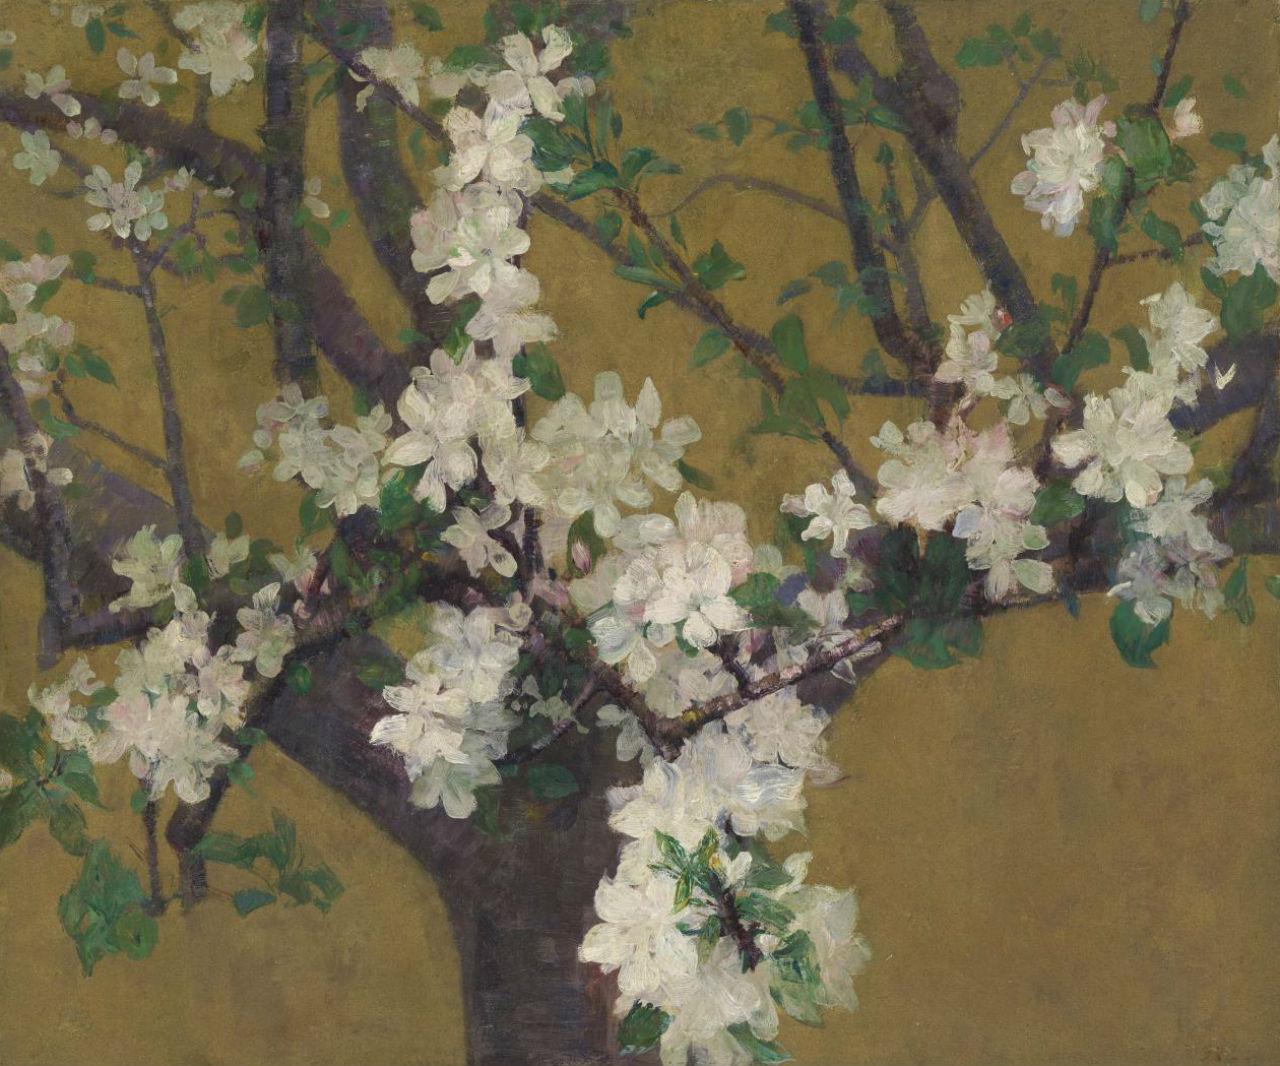 9-Живопись_Джон-Питер-Рассел_Almond-Tree-in-Blossom-1887.jpg